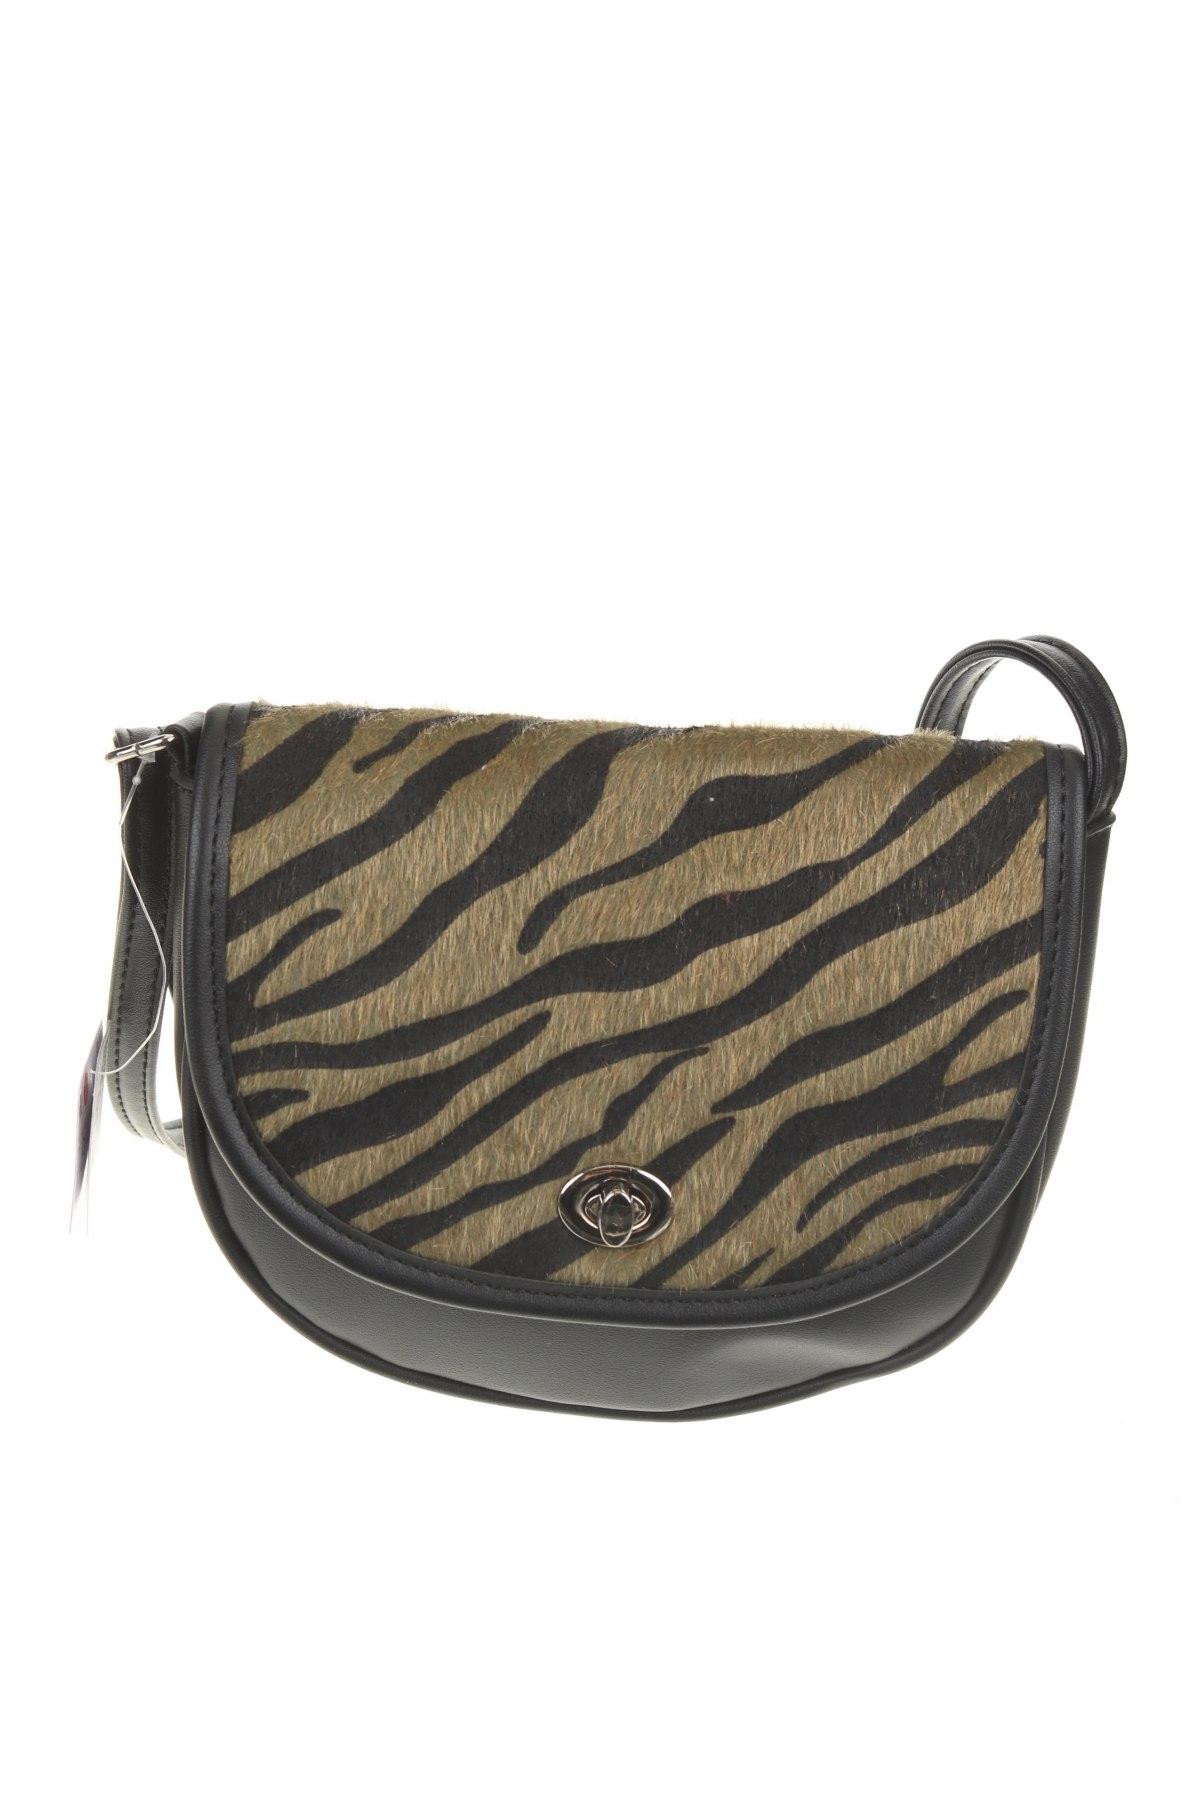 Γυναικεία τσάντα House, Χρώμα Μαύρο, Δερματίνη, κλωστοϋφαντουργικά προϊόντα, Τιμή 12,16€